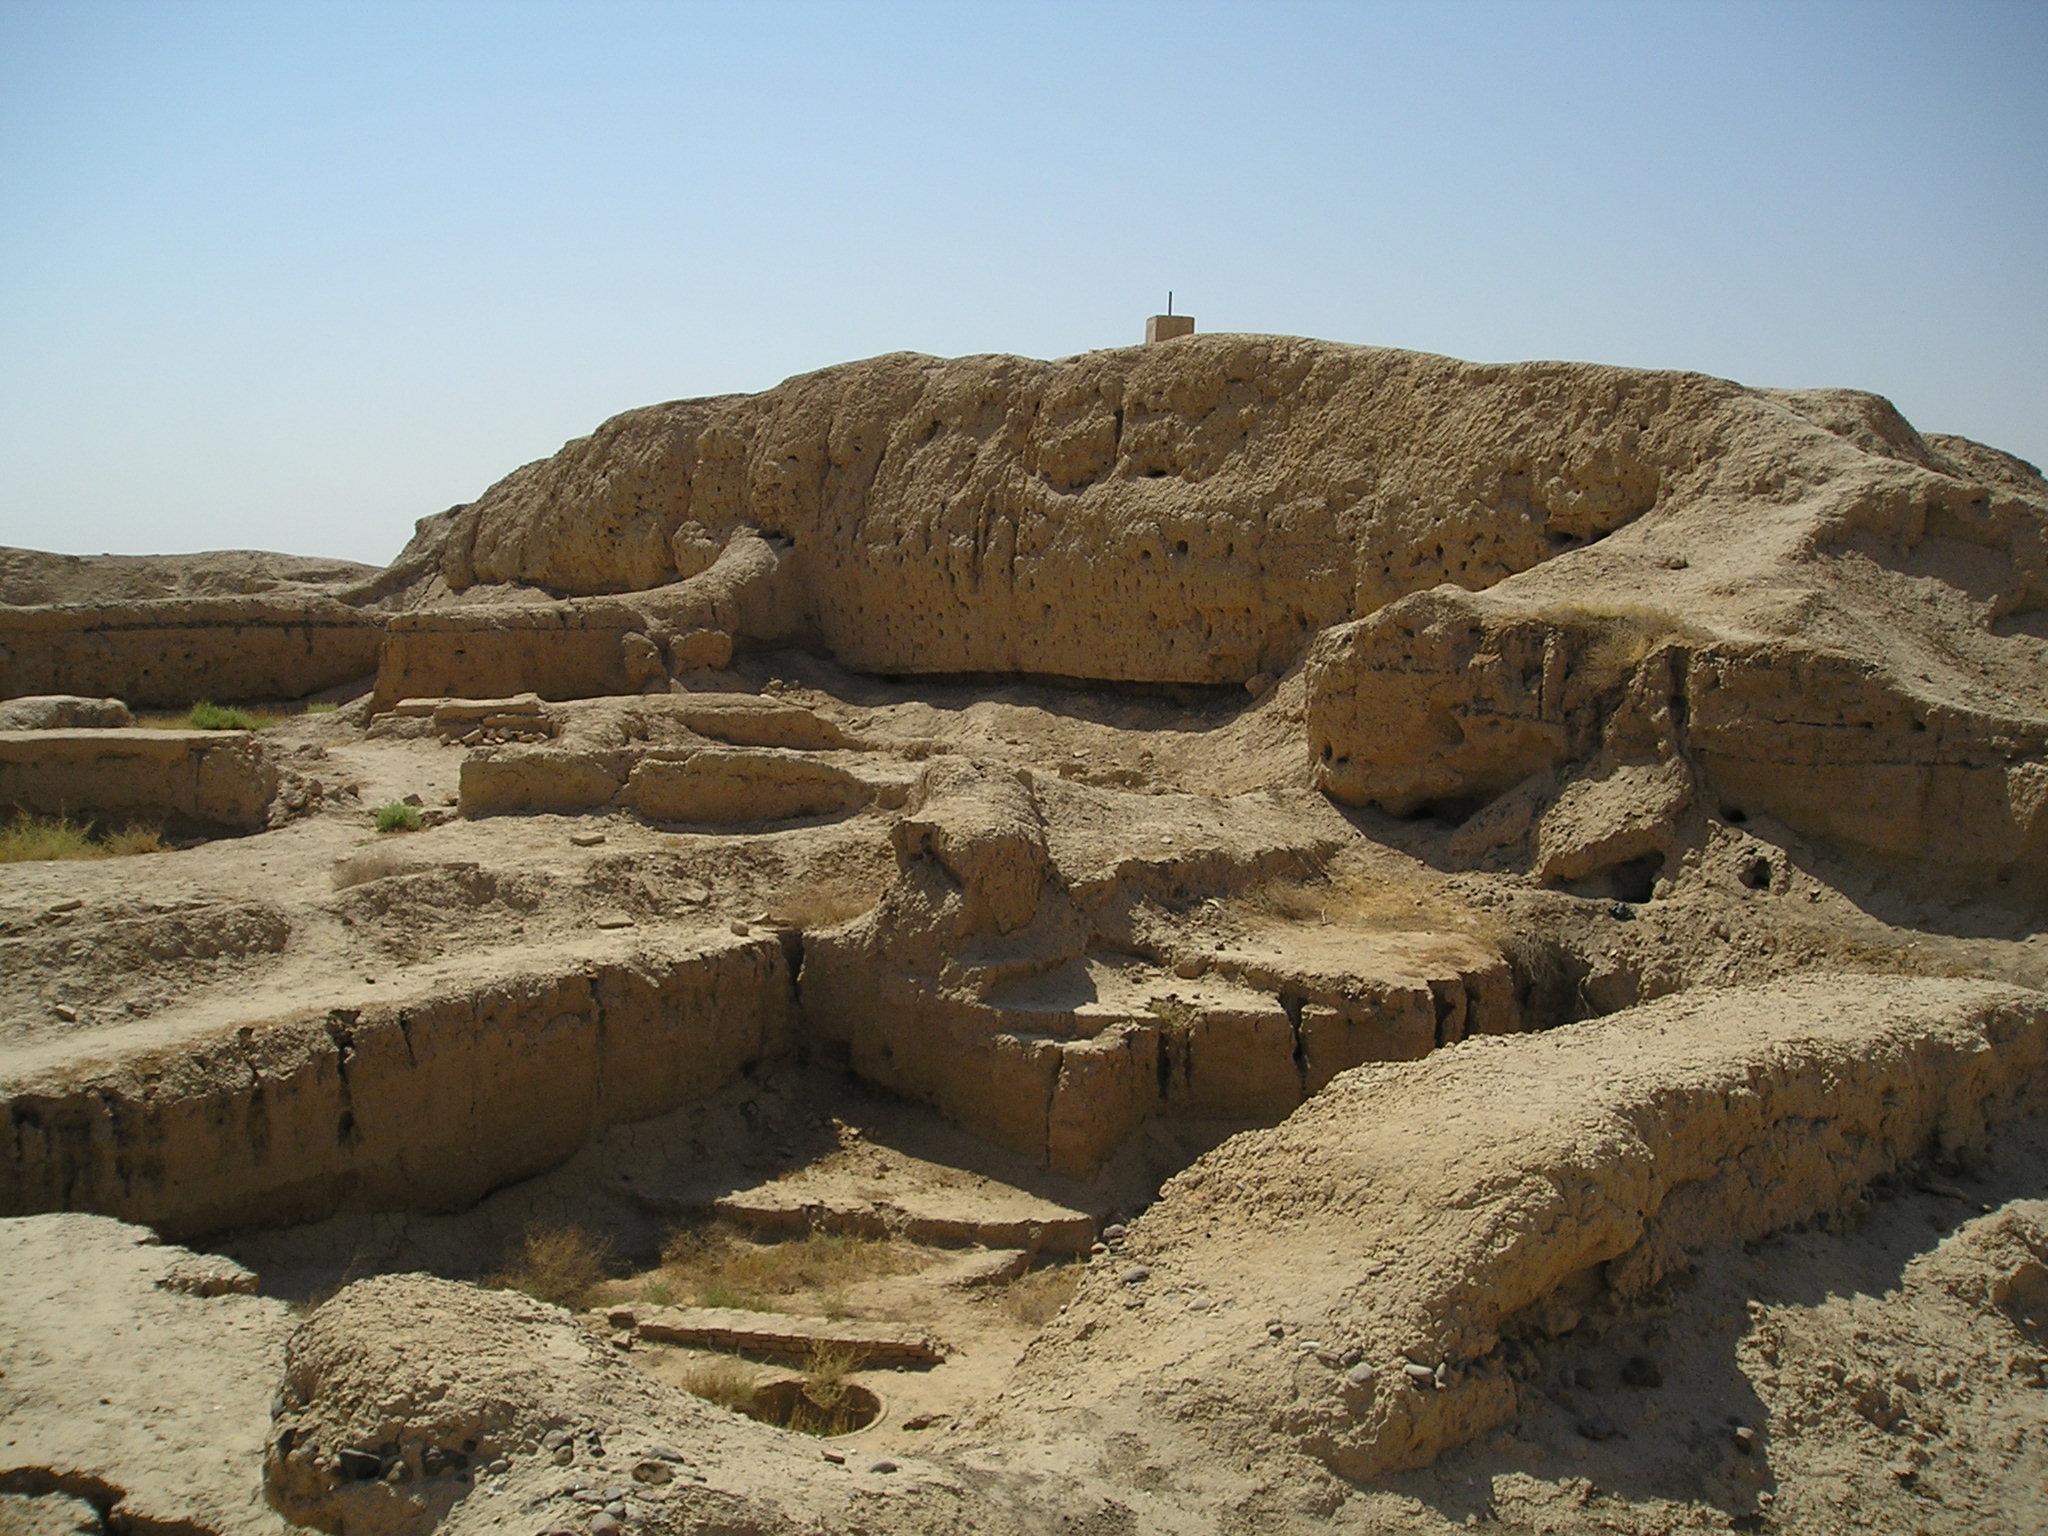 التعريف بسوريا كبلد سياحي المعلومات MariZiggurat.jpg